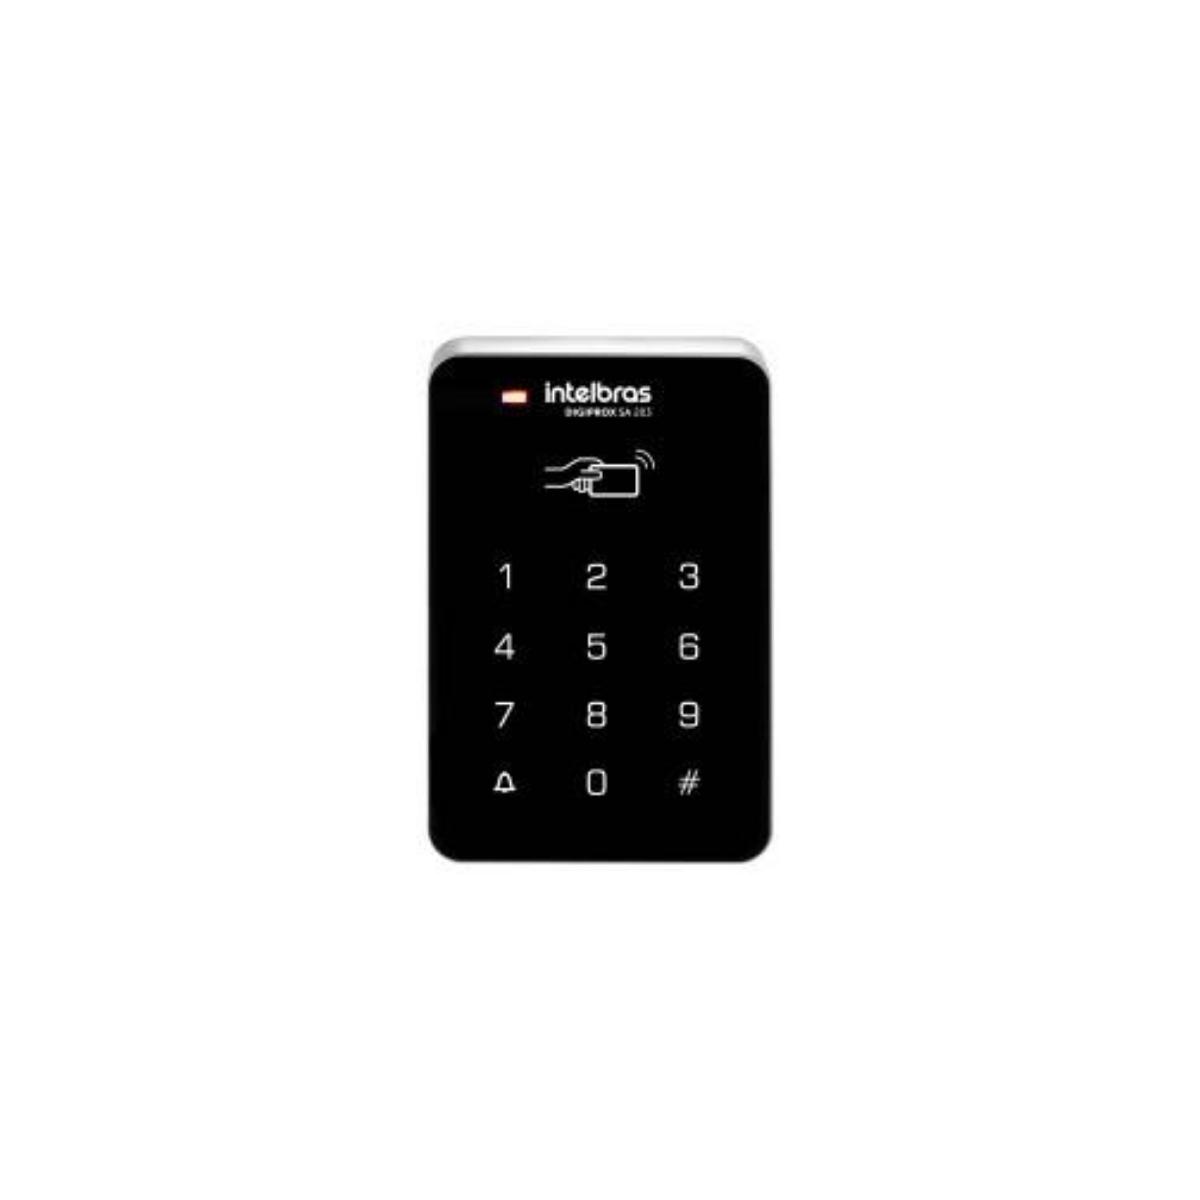 CONTROLADOR DE ACESSO 13,56MHZ DIGIPROX SA 203 MF - INTELBRAS